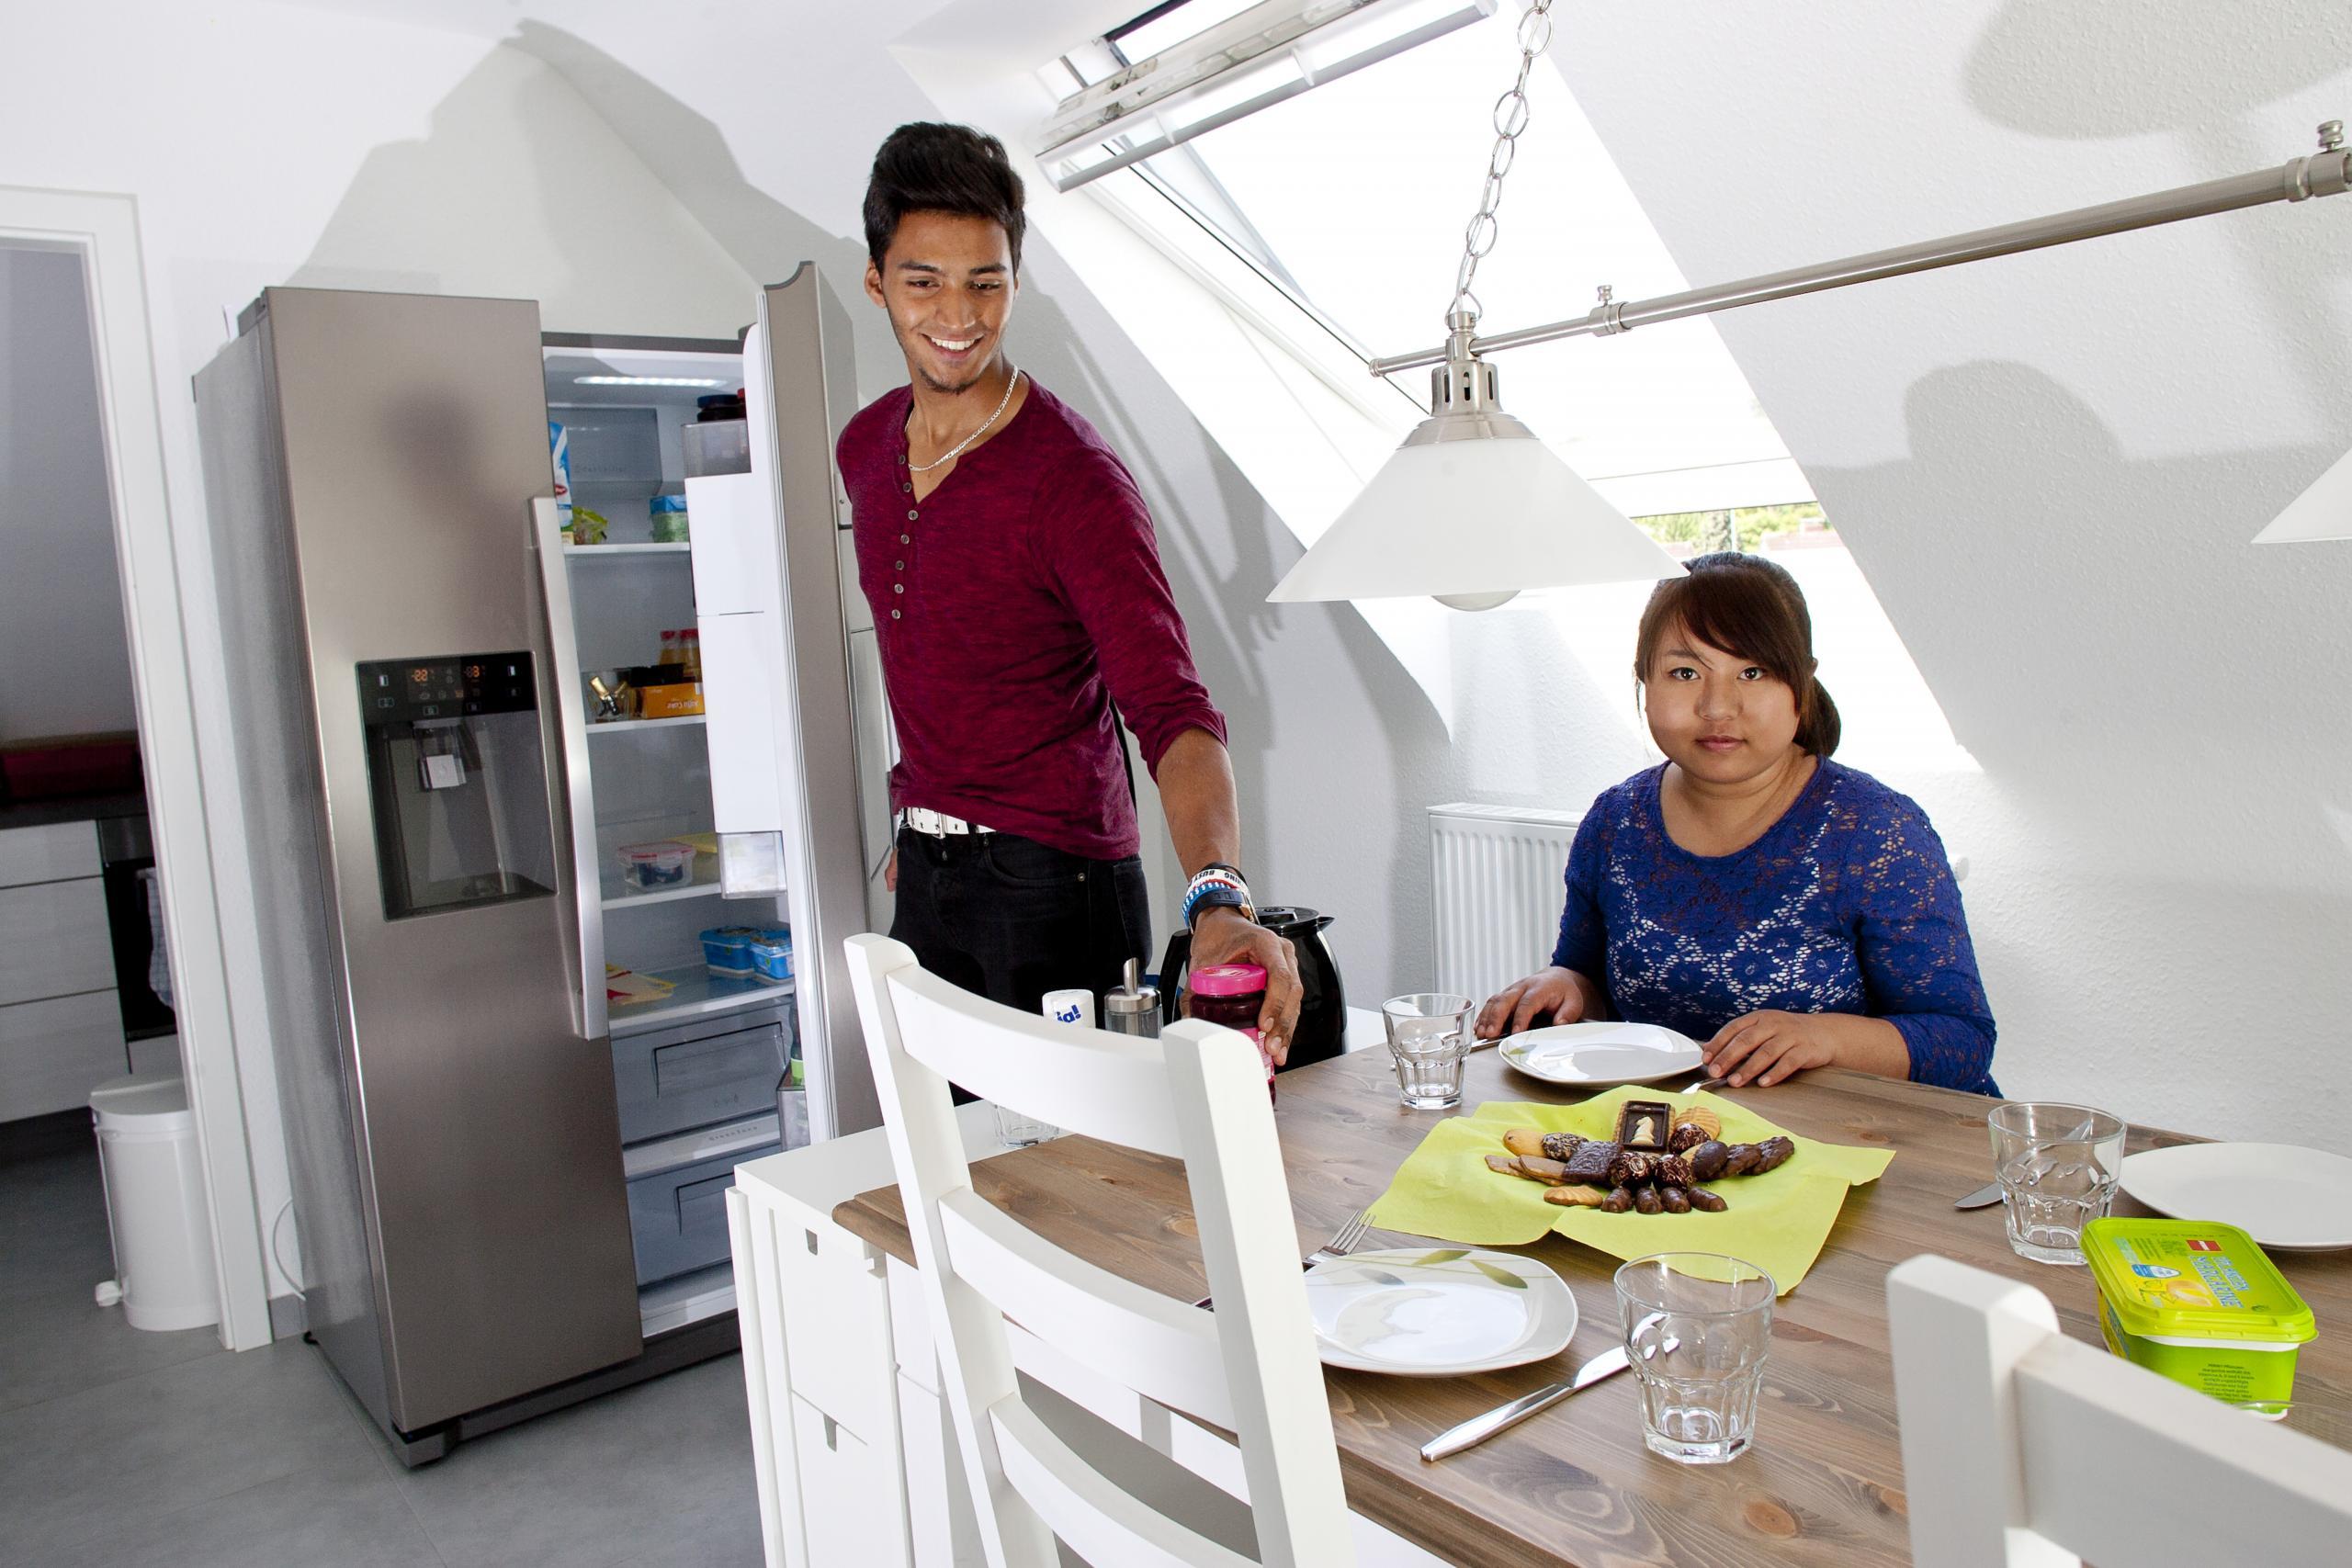 Bewohner*innen in der Jugendhilfe bbw Südhessen in der Küche der Villa Gimini